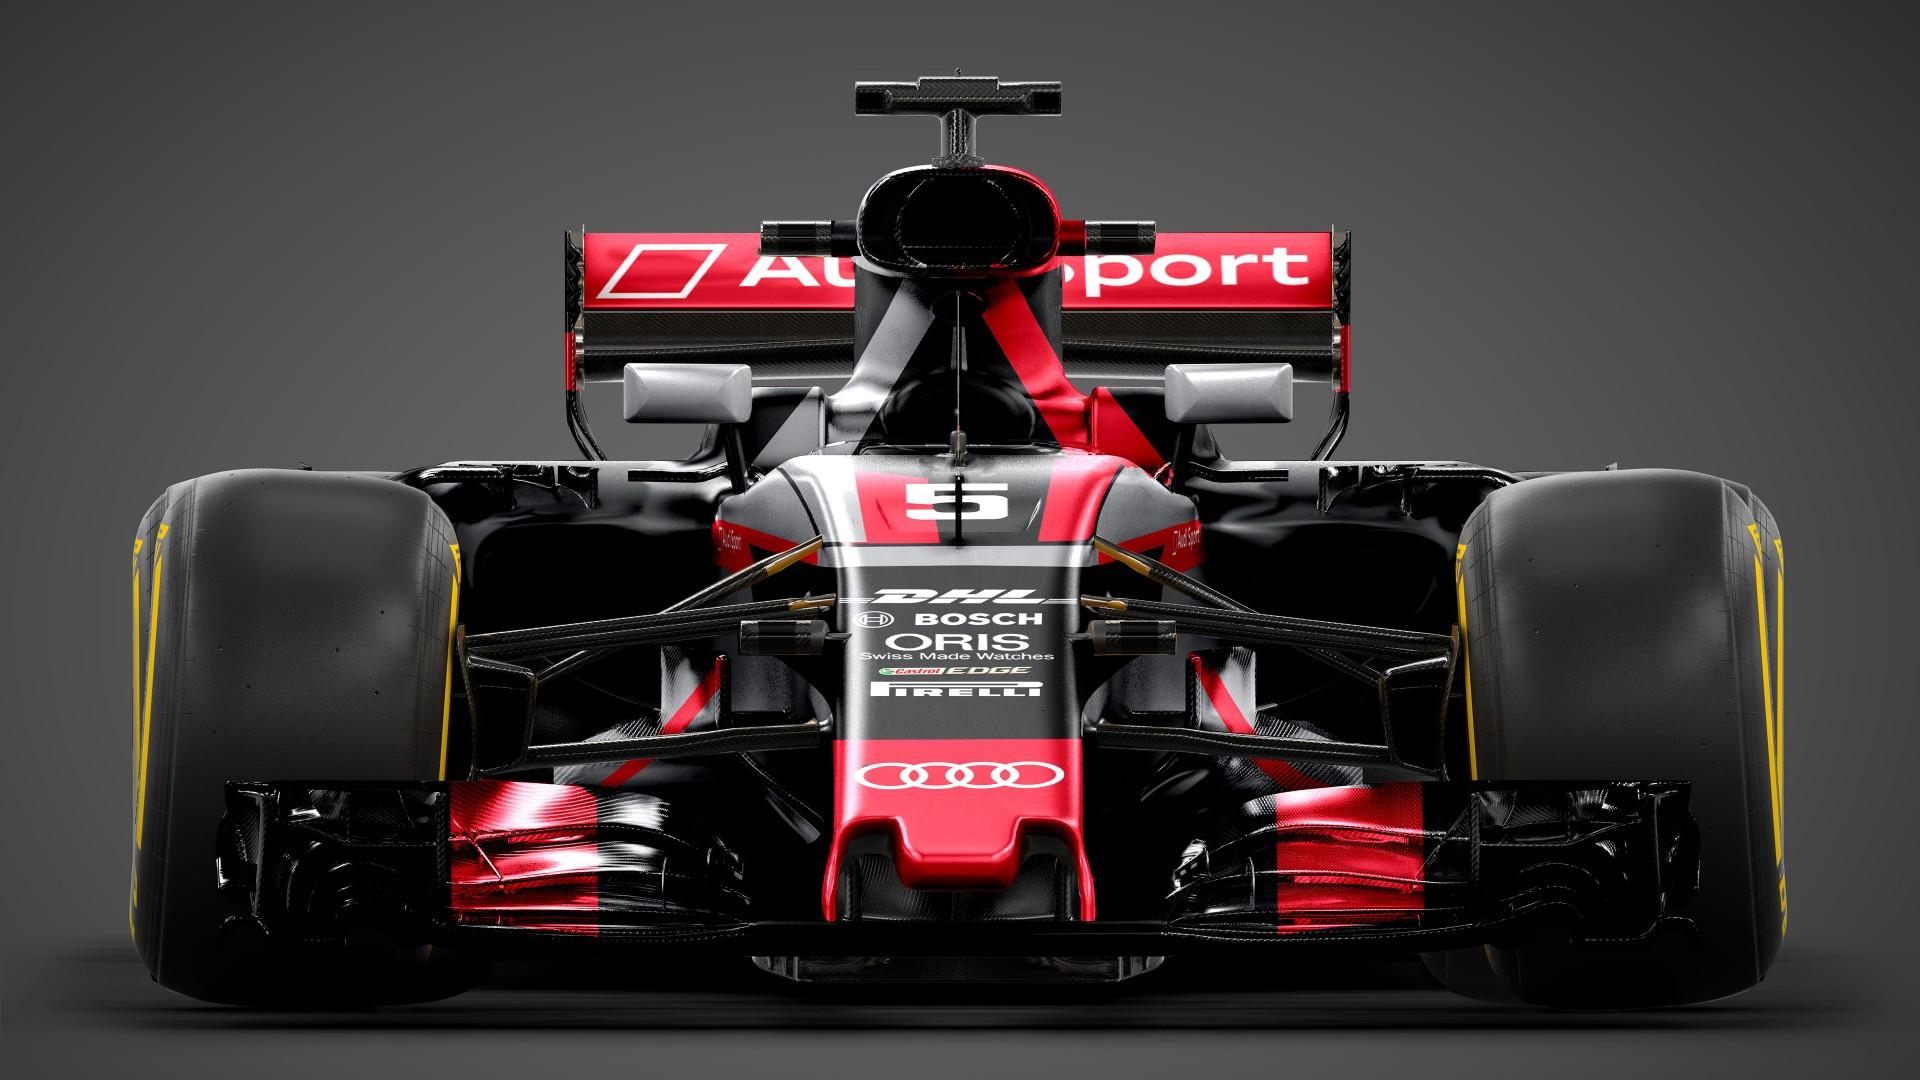 Audi Q7 E Tron >> Audi Sport F1 4K Wallpaper | HD Car Wallpapers | ID #8041